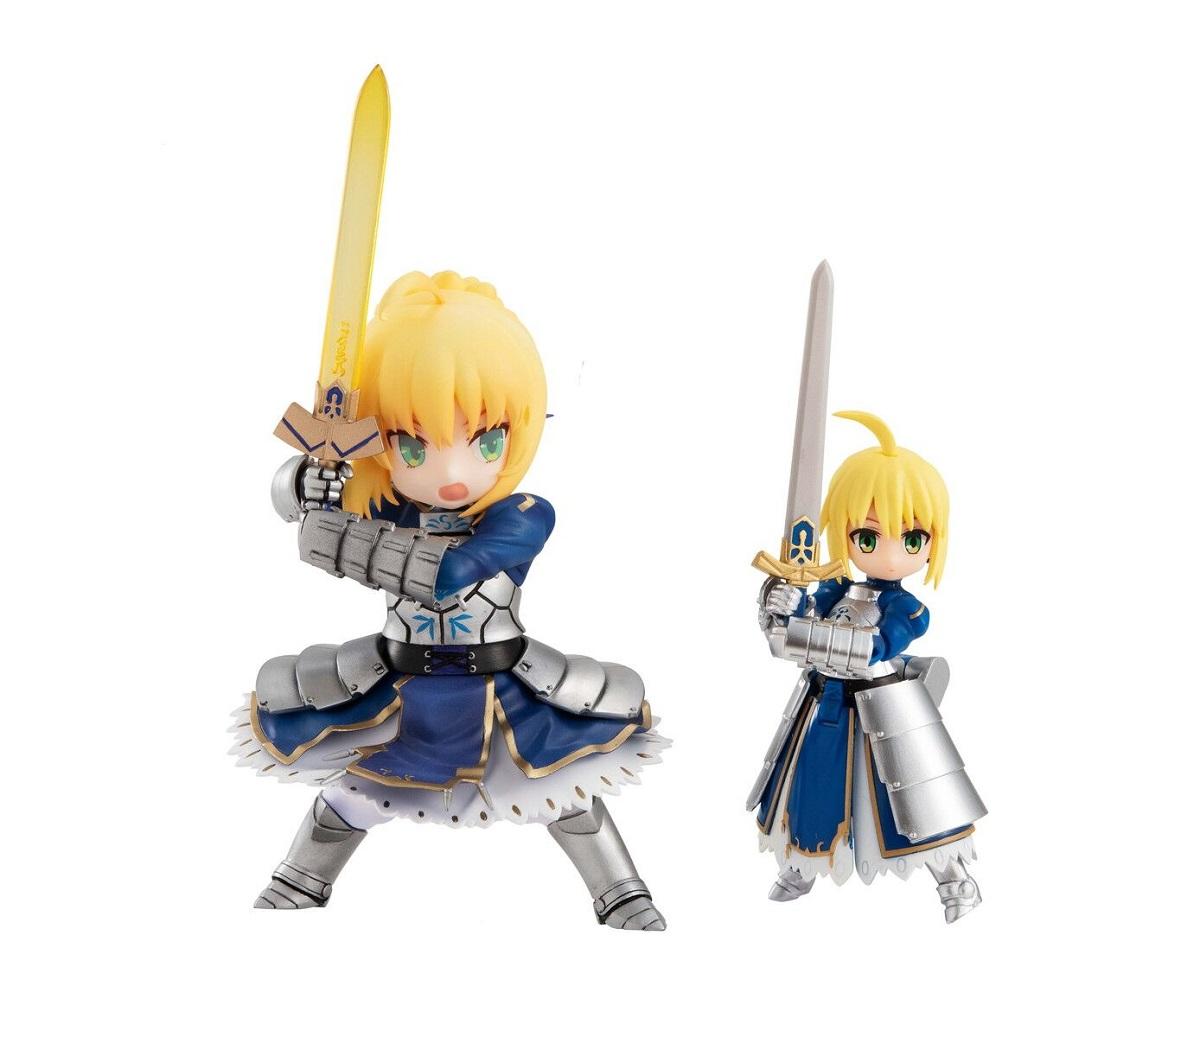 Saber/Altria Pendragon Fate/Grand Order DESK TOP ASTOREA Figure